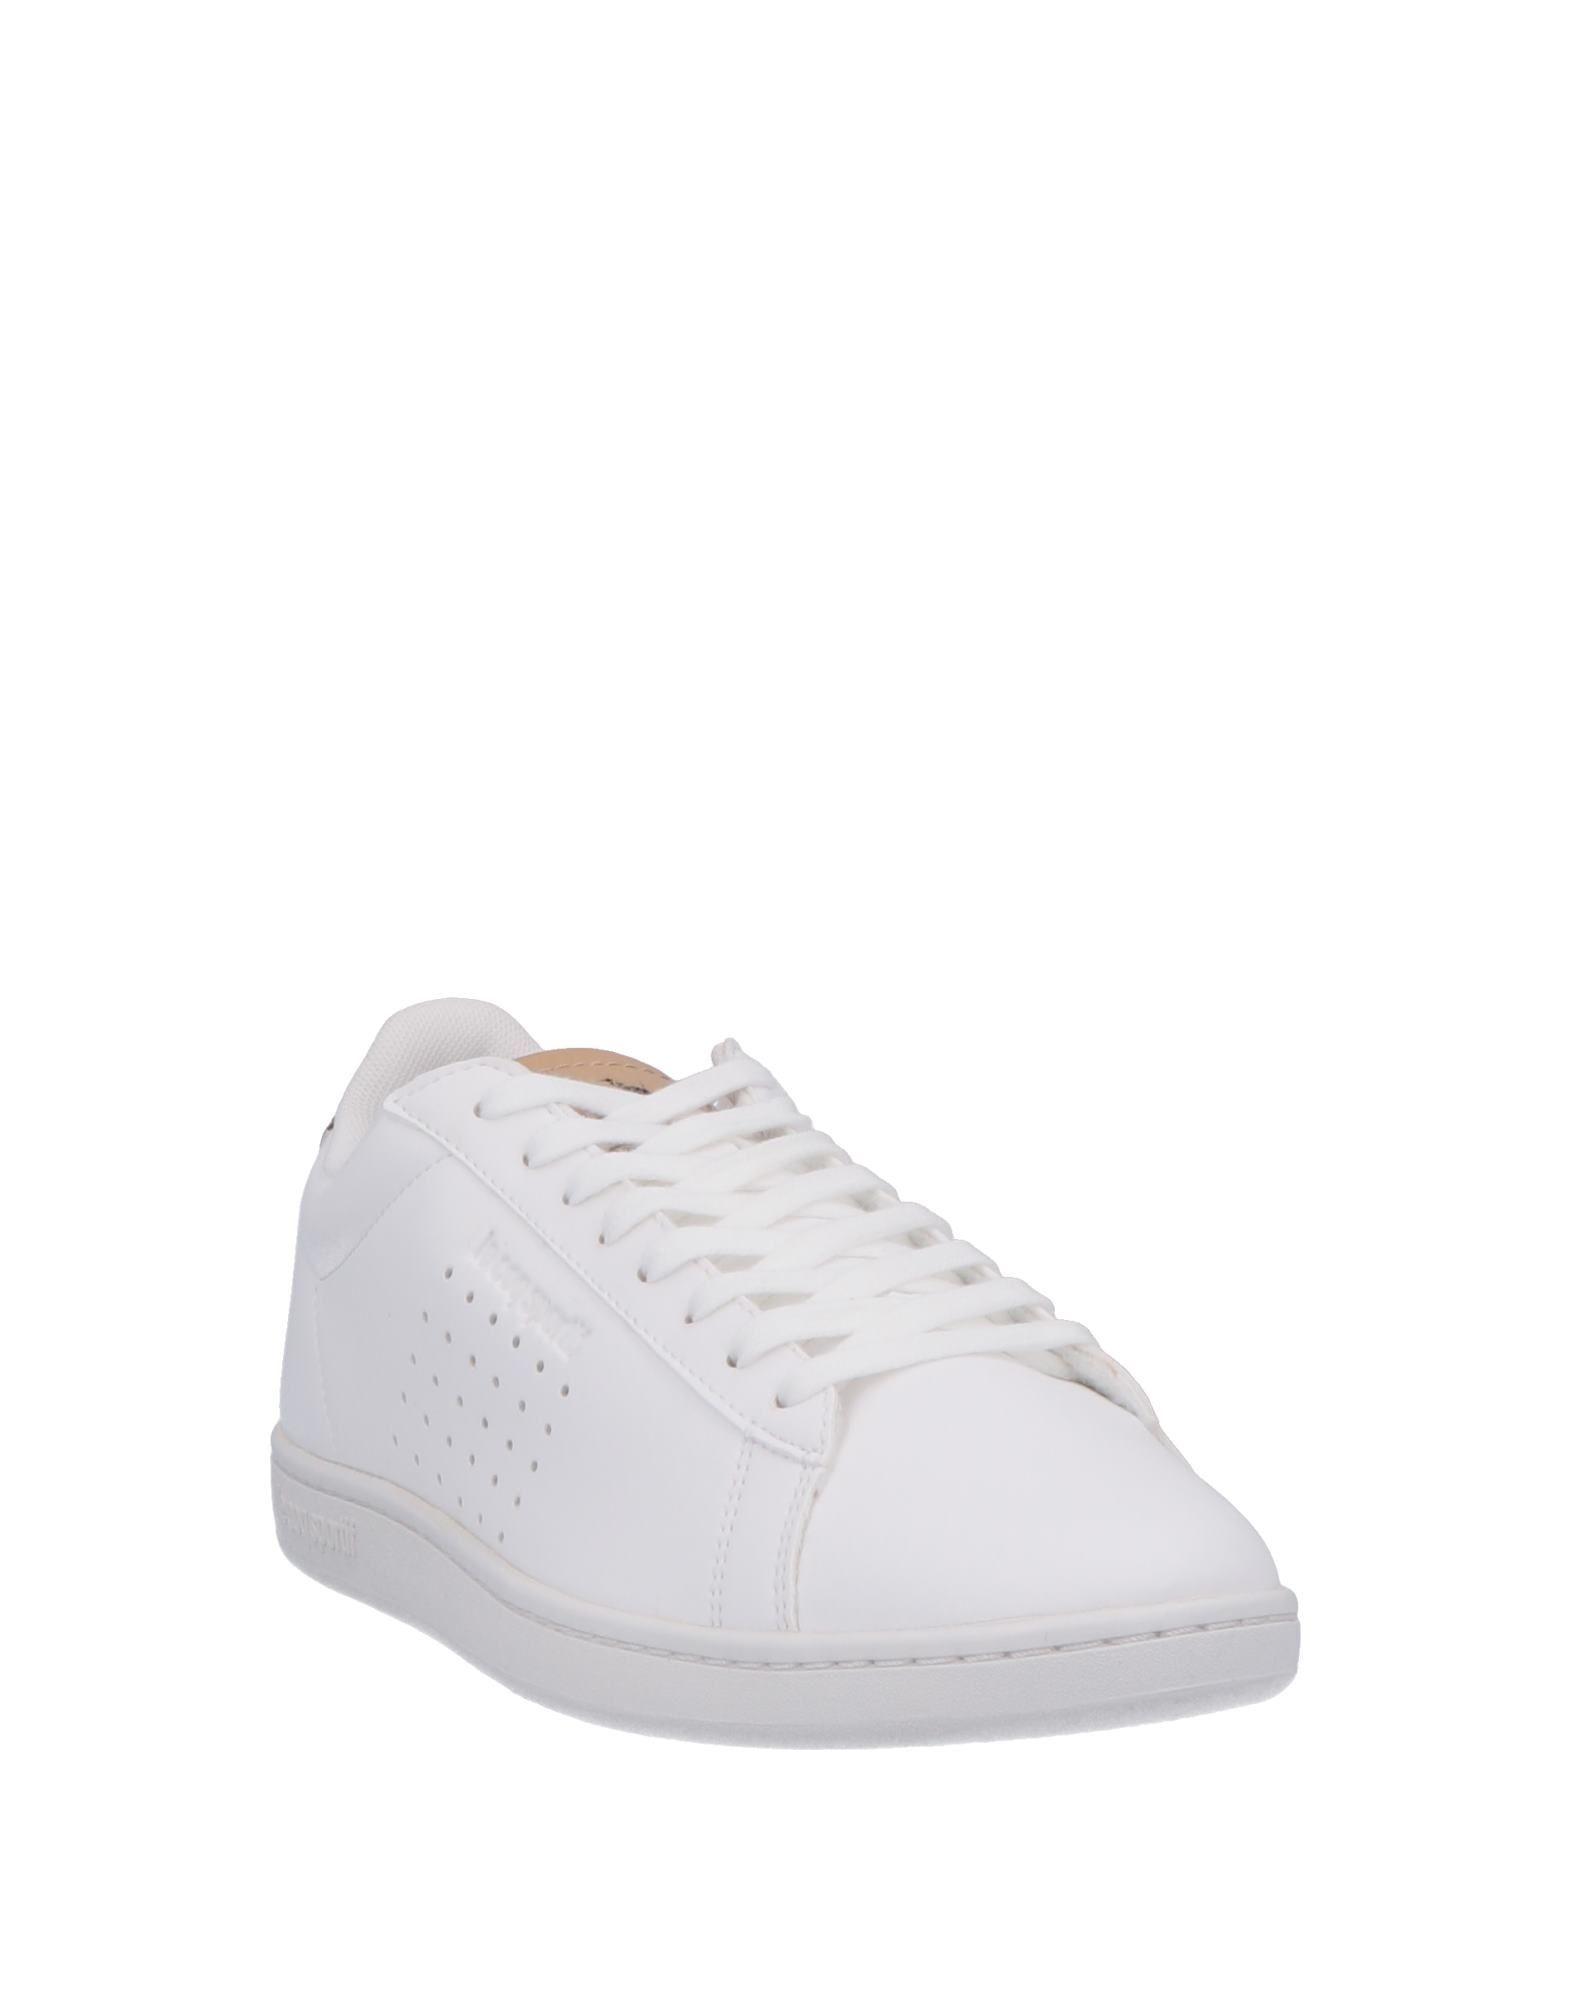 Le Coq Sportif White Sneakers